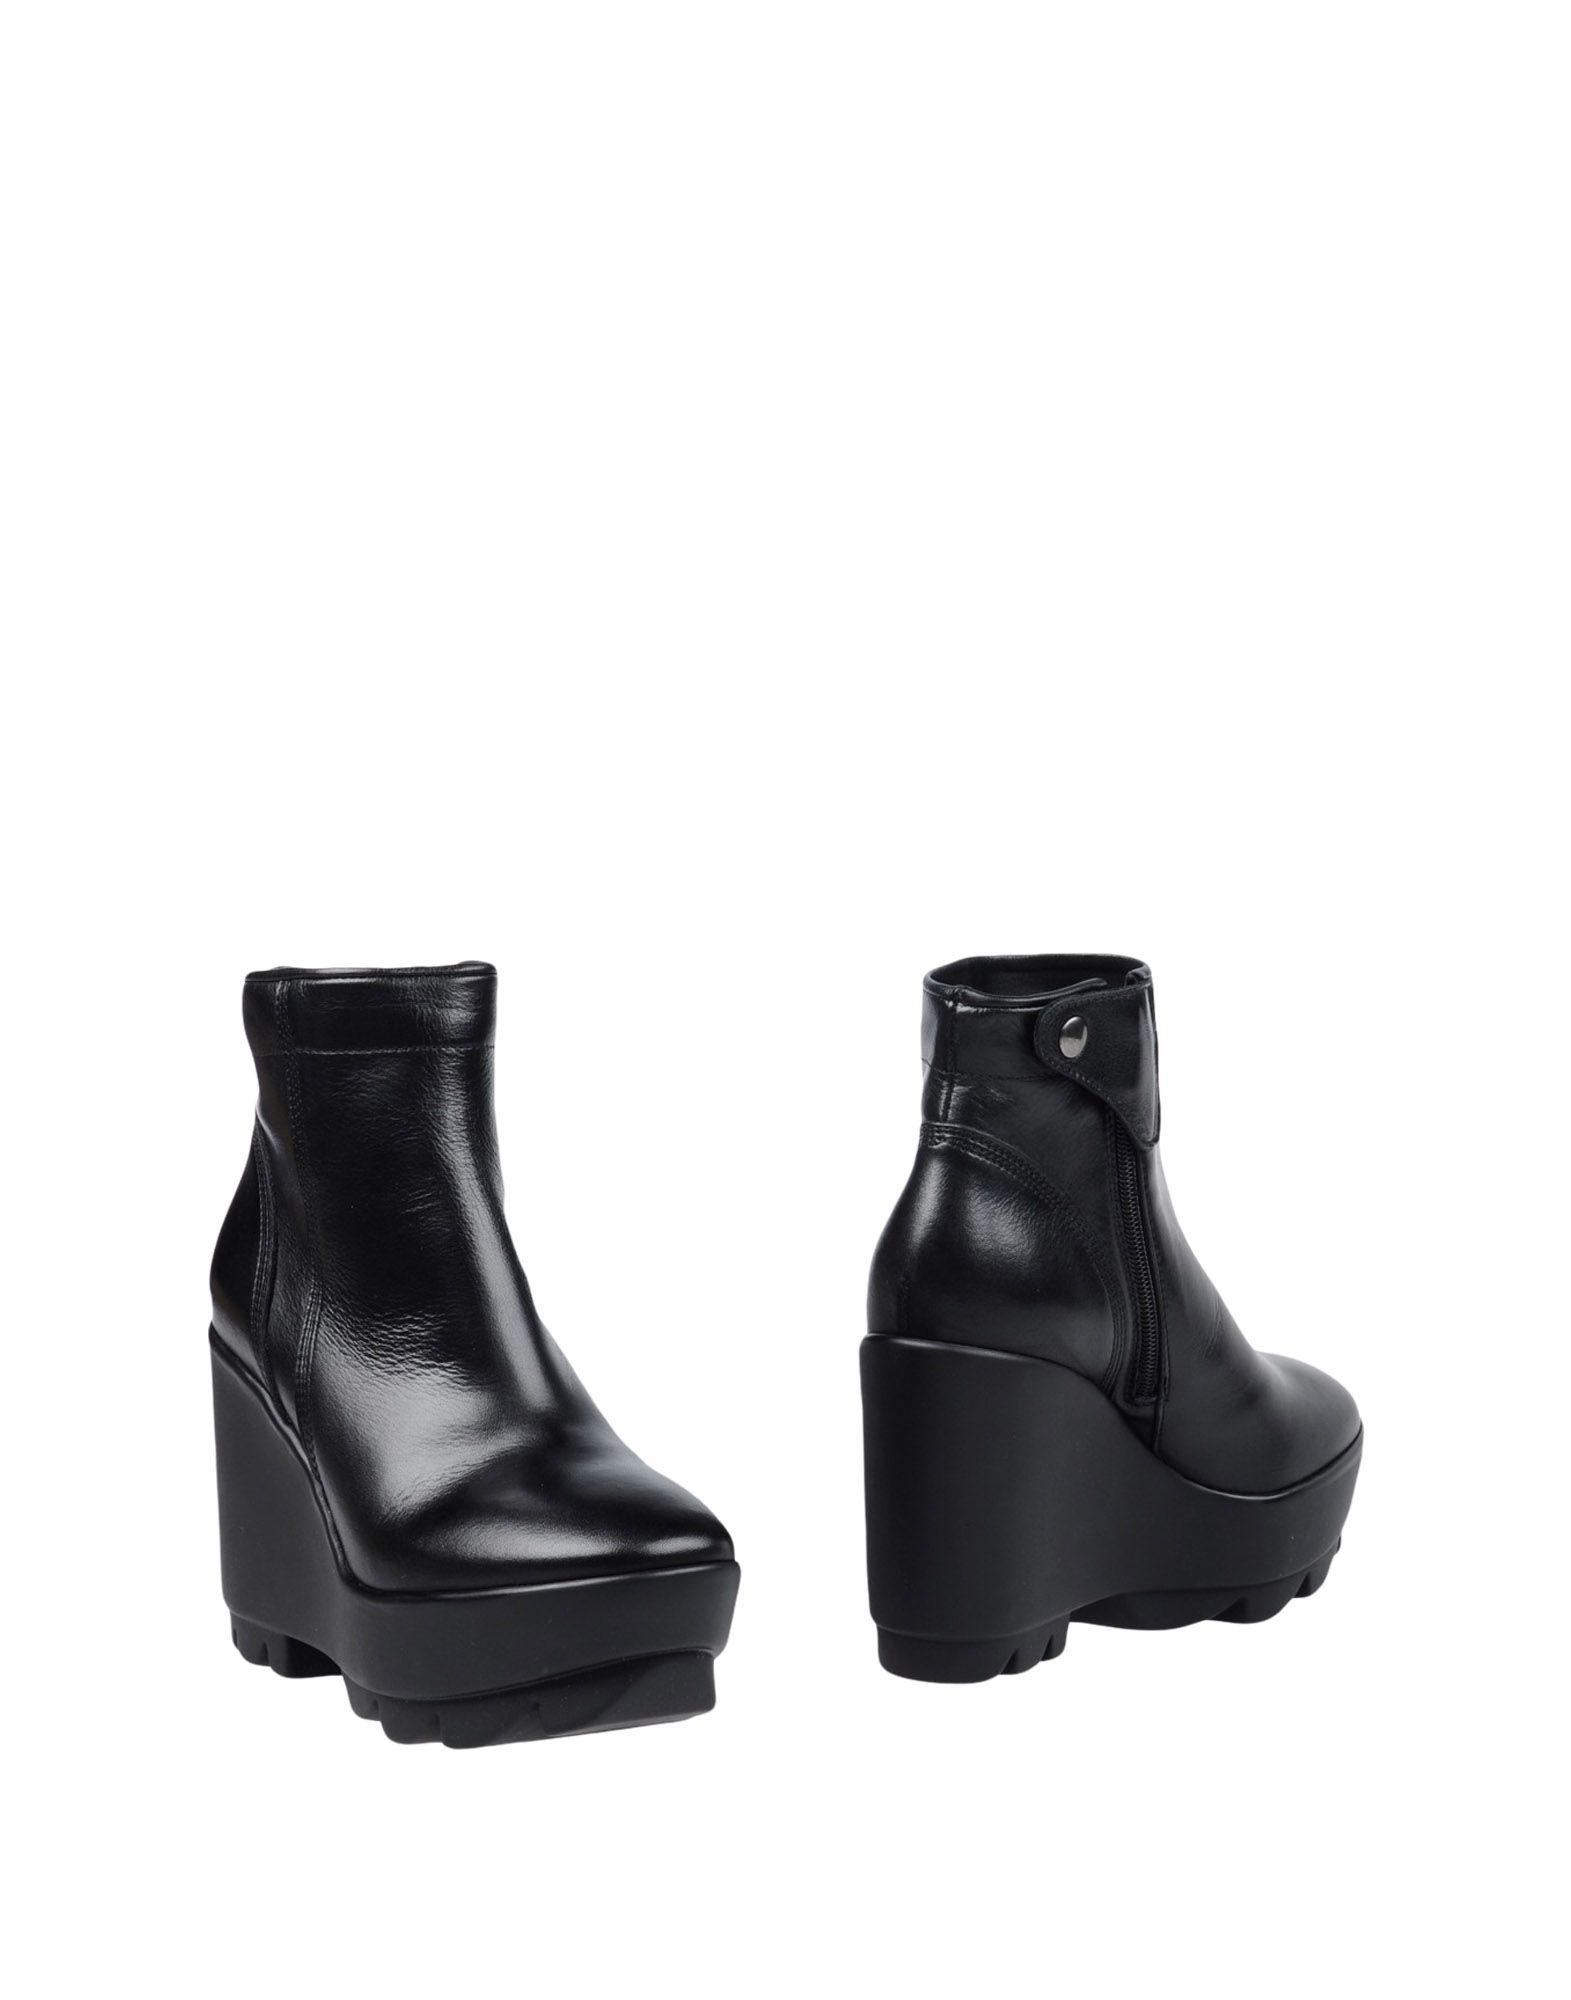 Haltbare Mode billige Schuhe Jfk Stiefelette Damen  11275490NR Heiße Schuhe